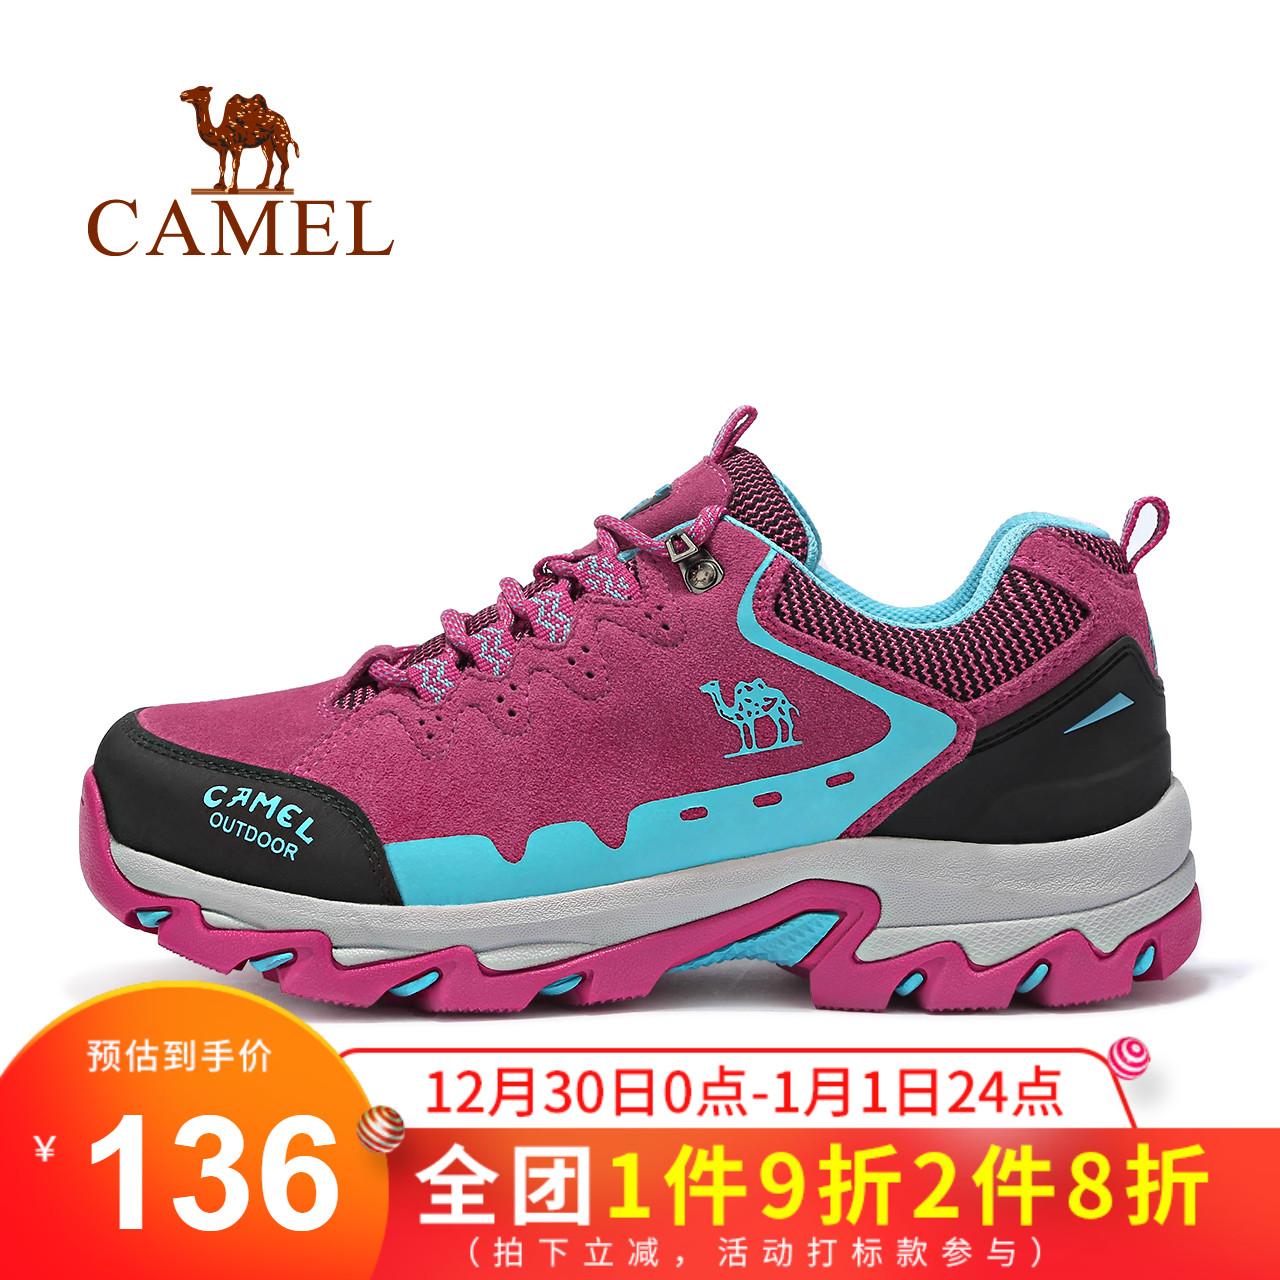 駱駝女鞋camel女士戶外徒步登山鞋磨砂牛皮真皮越野運動鞋女鞋子